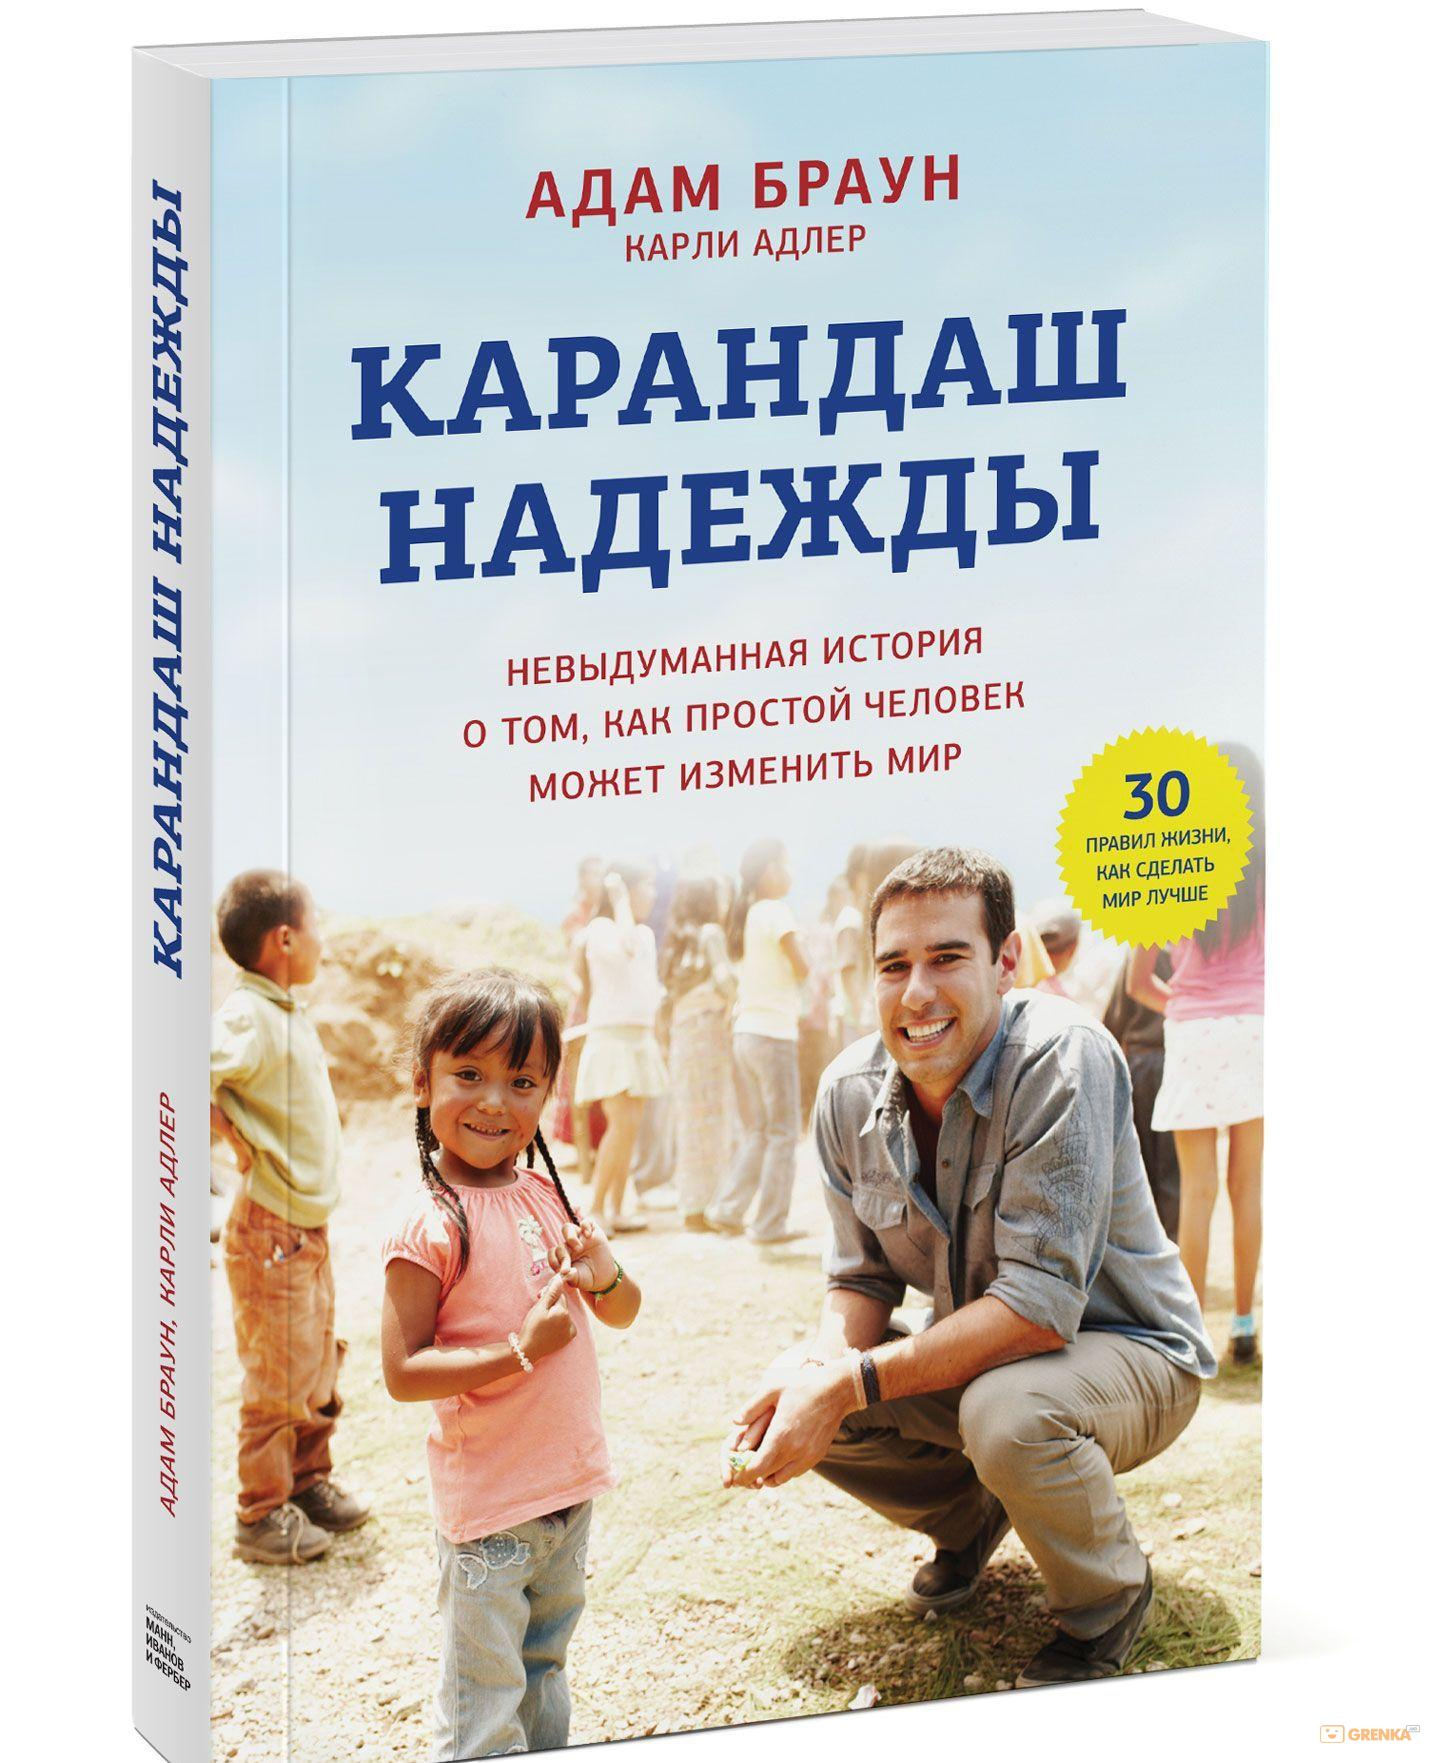 Купить Карандаш надежды. Невыдуманная история о том, как простой человек может изменить мир, Адам Браун, 978-5-00057-555-0